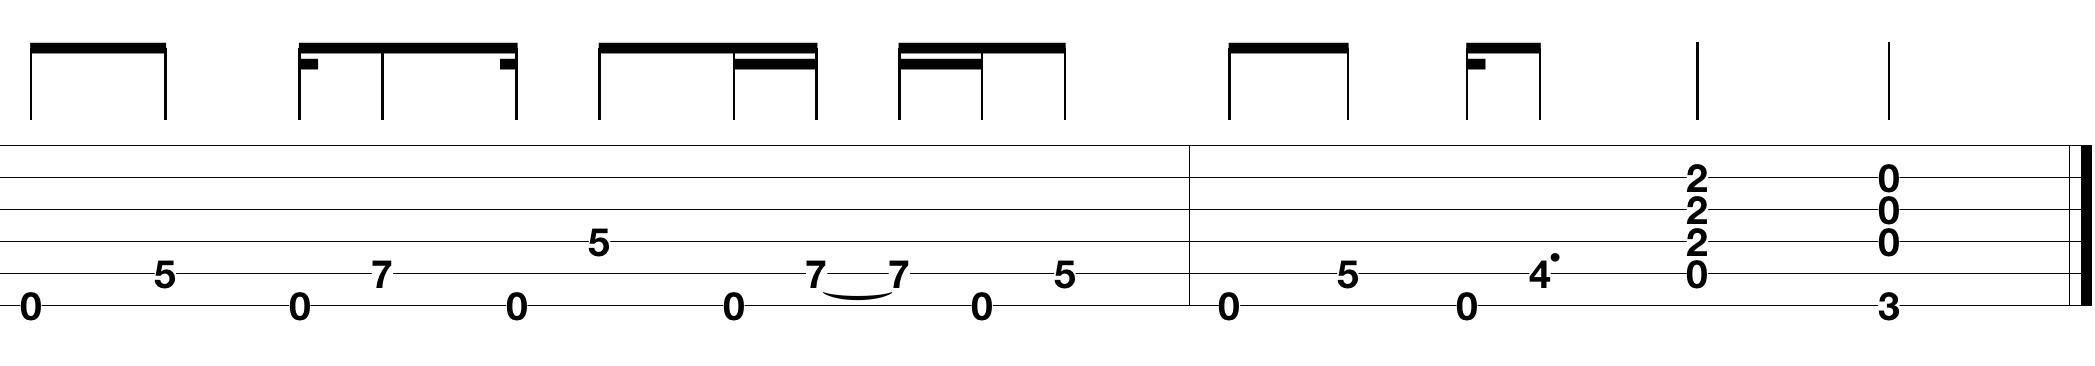 free-guitar-riffs_2.png